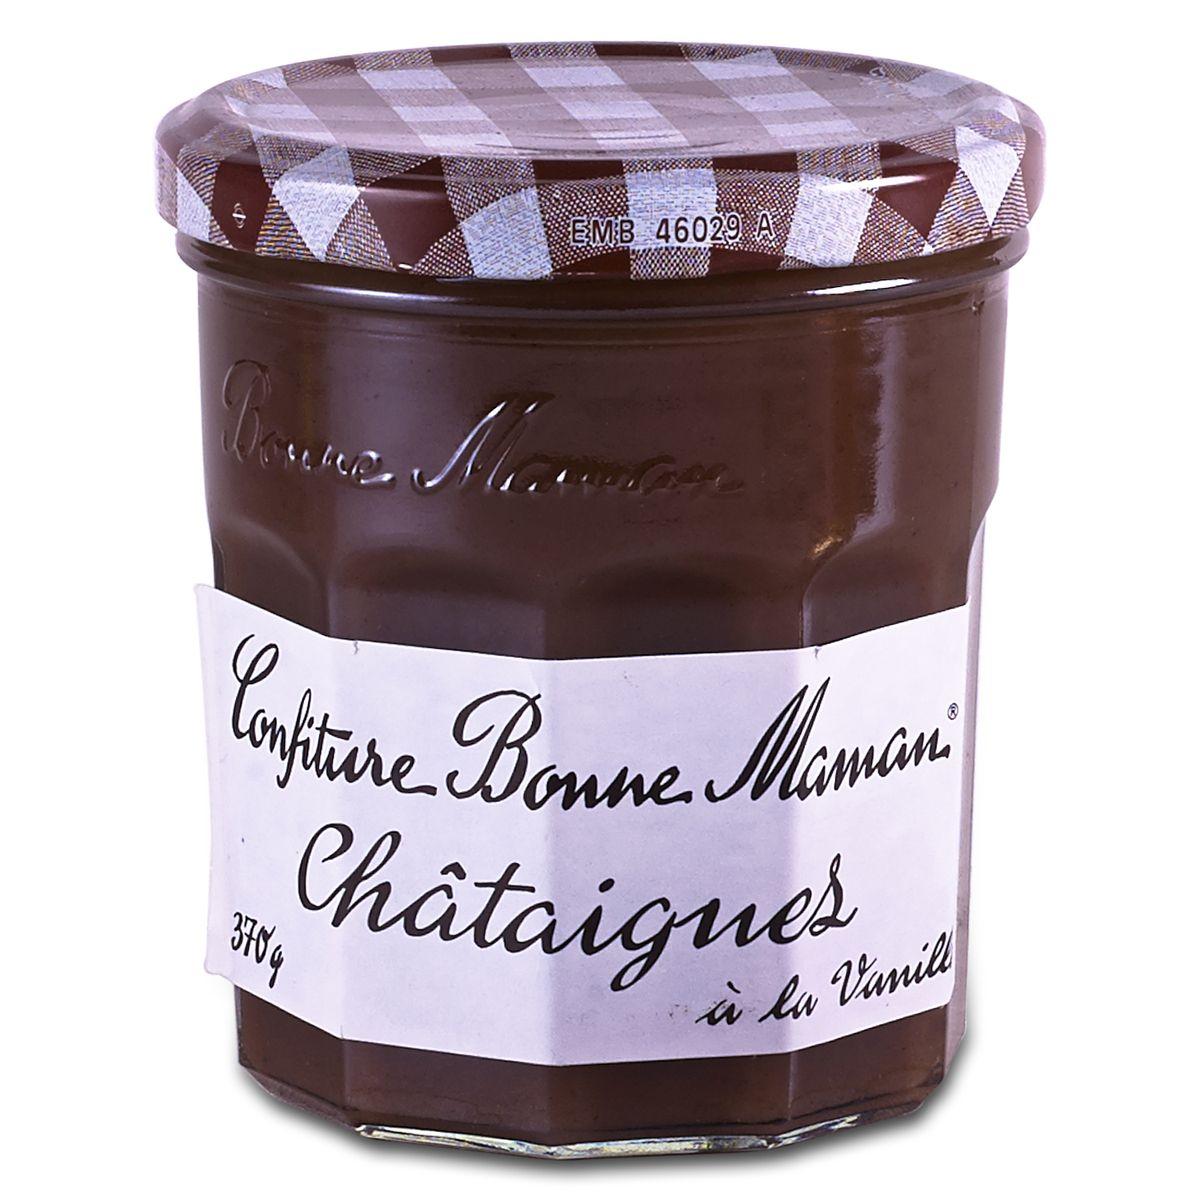 Confiture de châtaignes à la vanille, Bonne Maman (370 g)